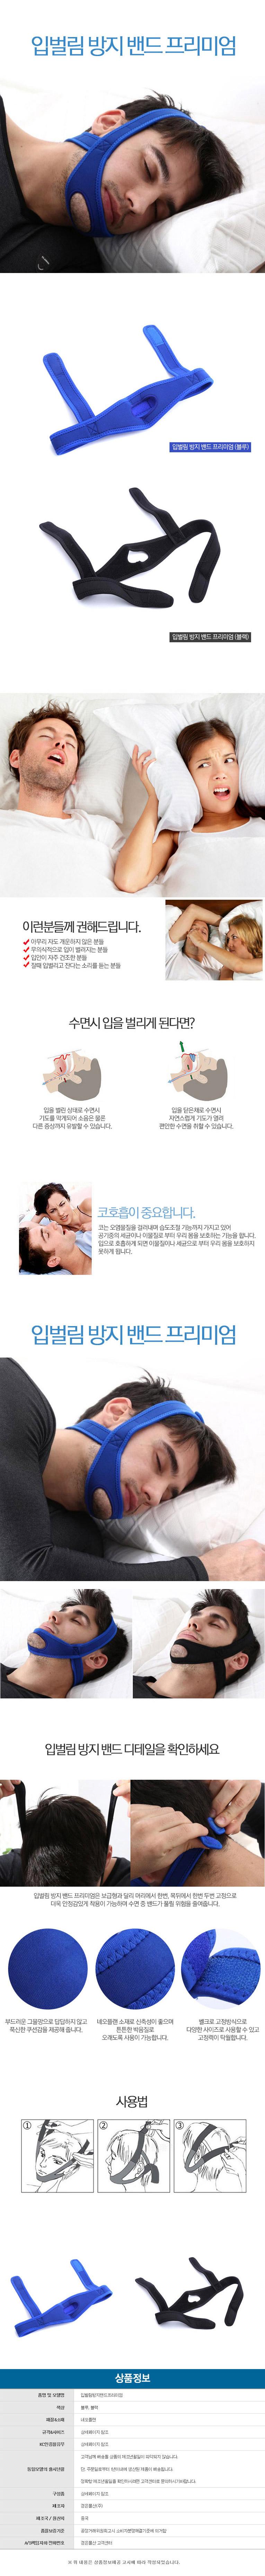 입벌림 방지 밴드 프리미엄 - 생활통, 5,900원, 안마/교정, 교정기구